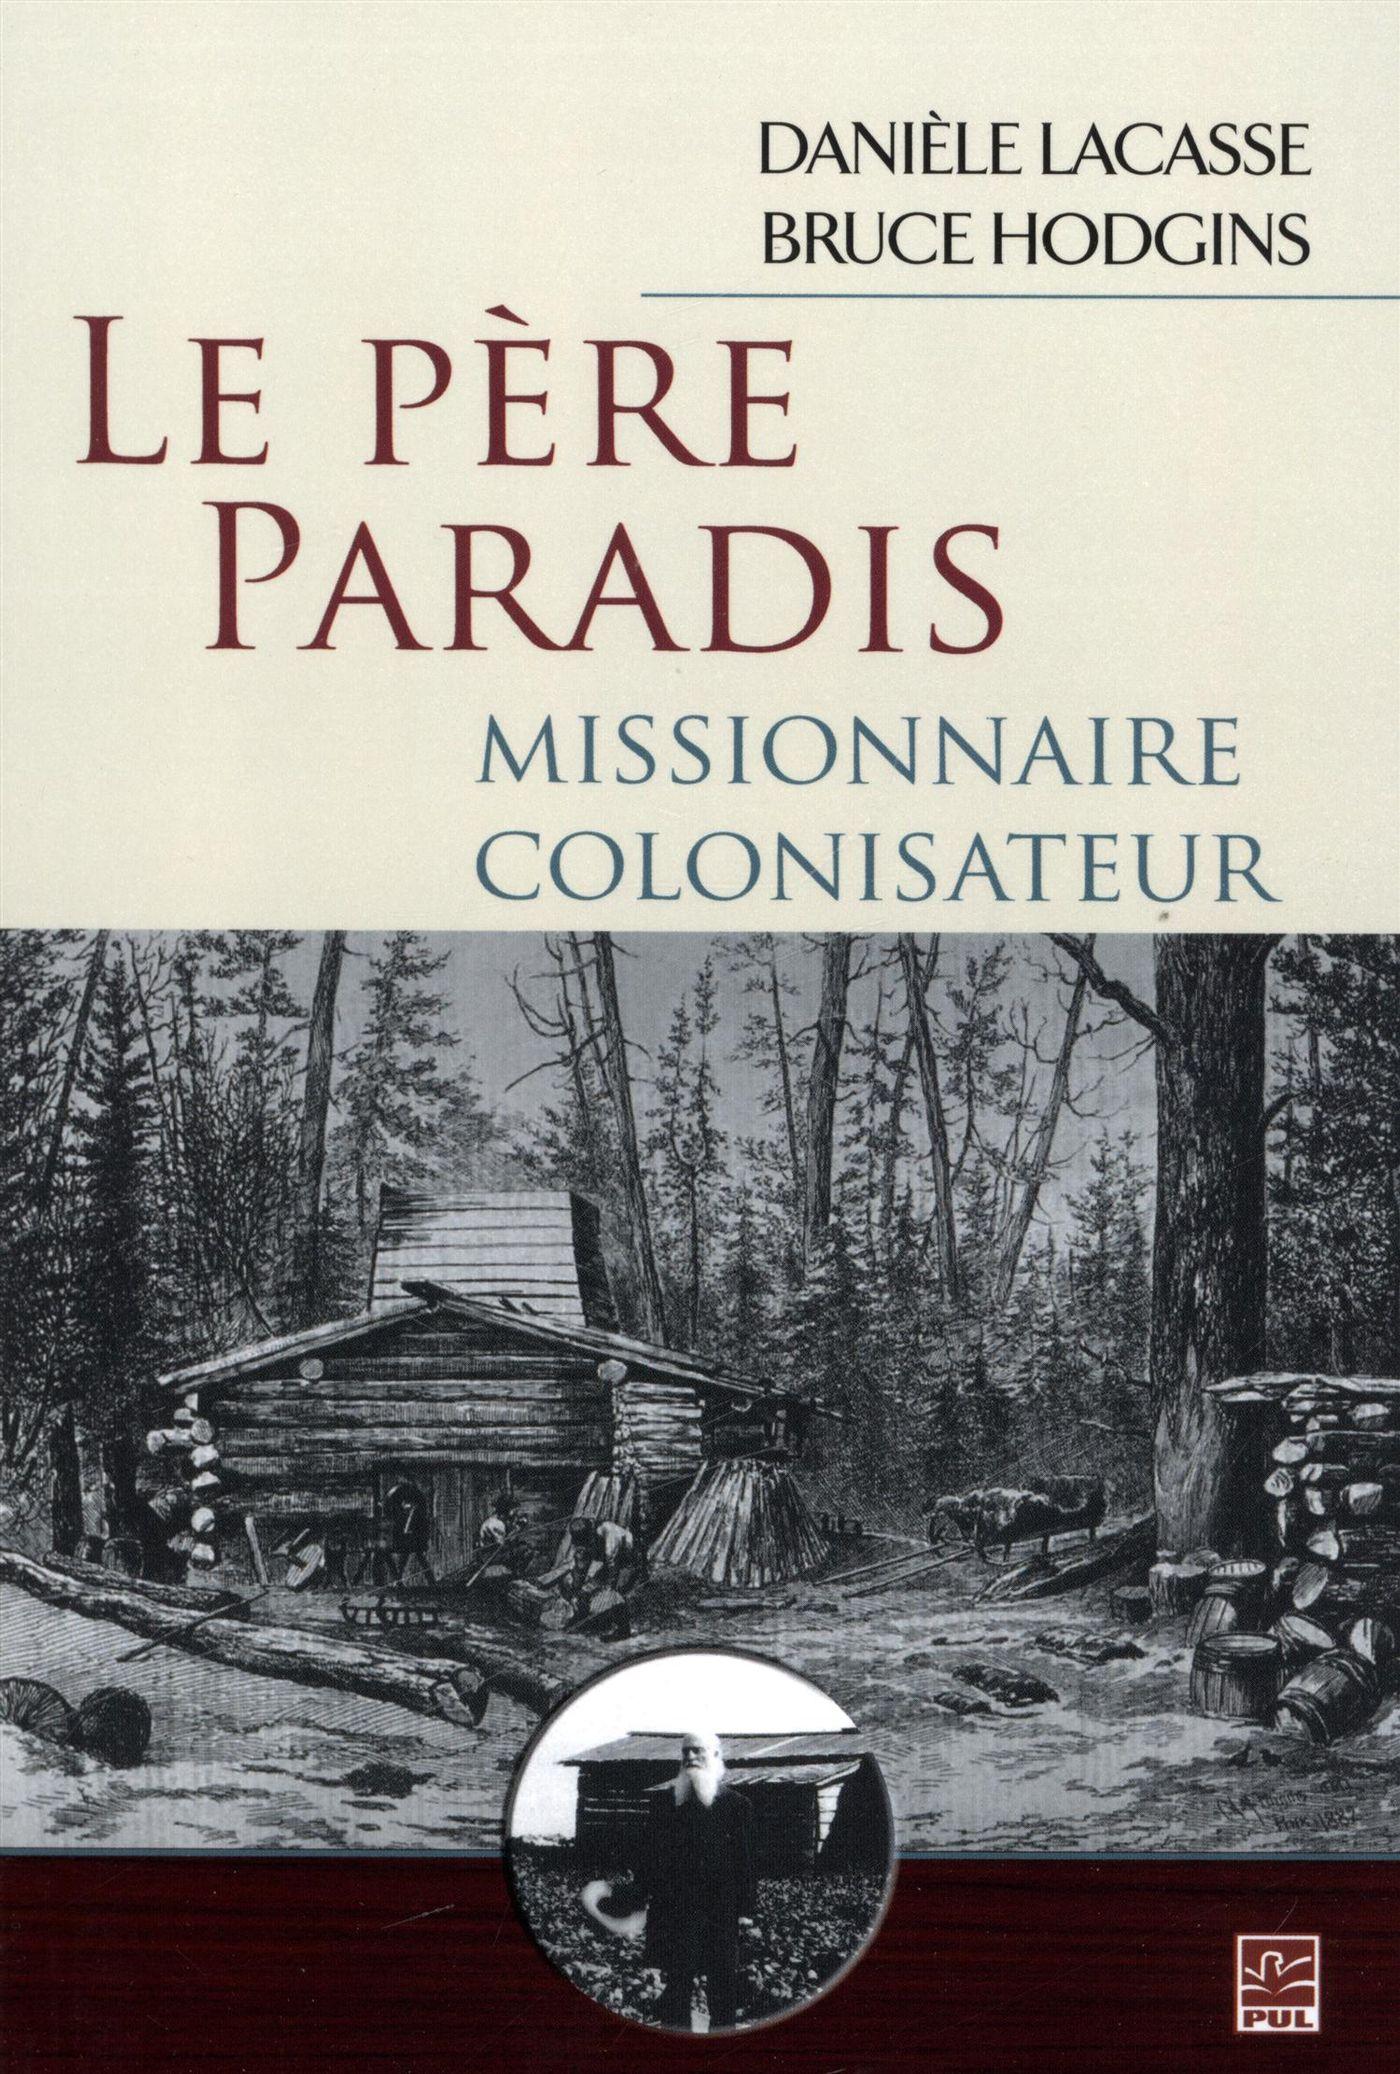 Le Père Paradis, missionnaire colonisateur